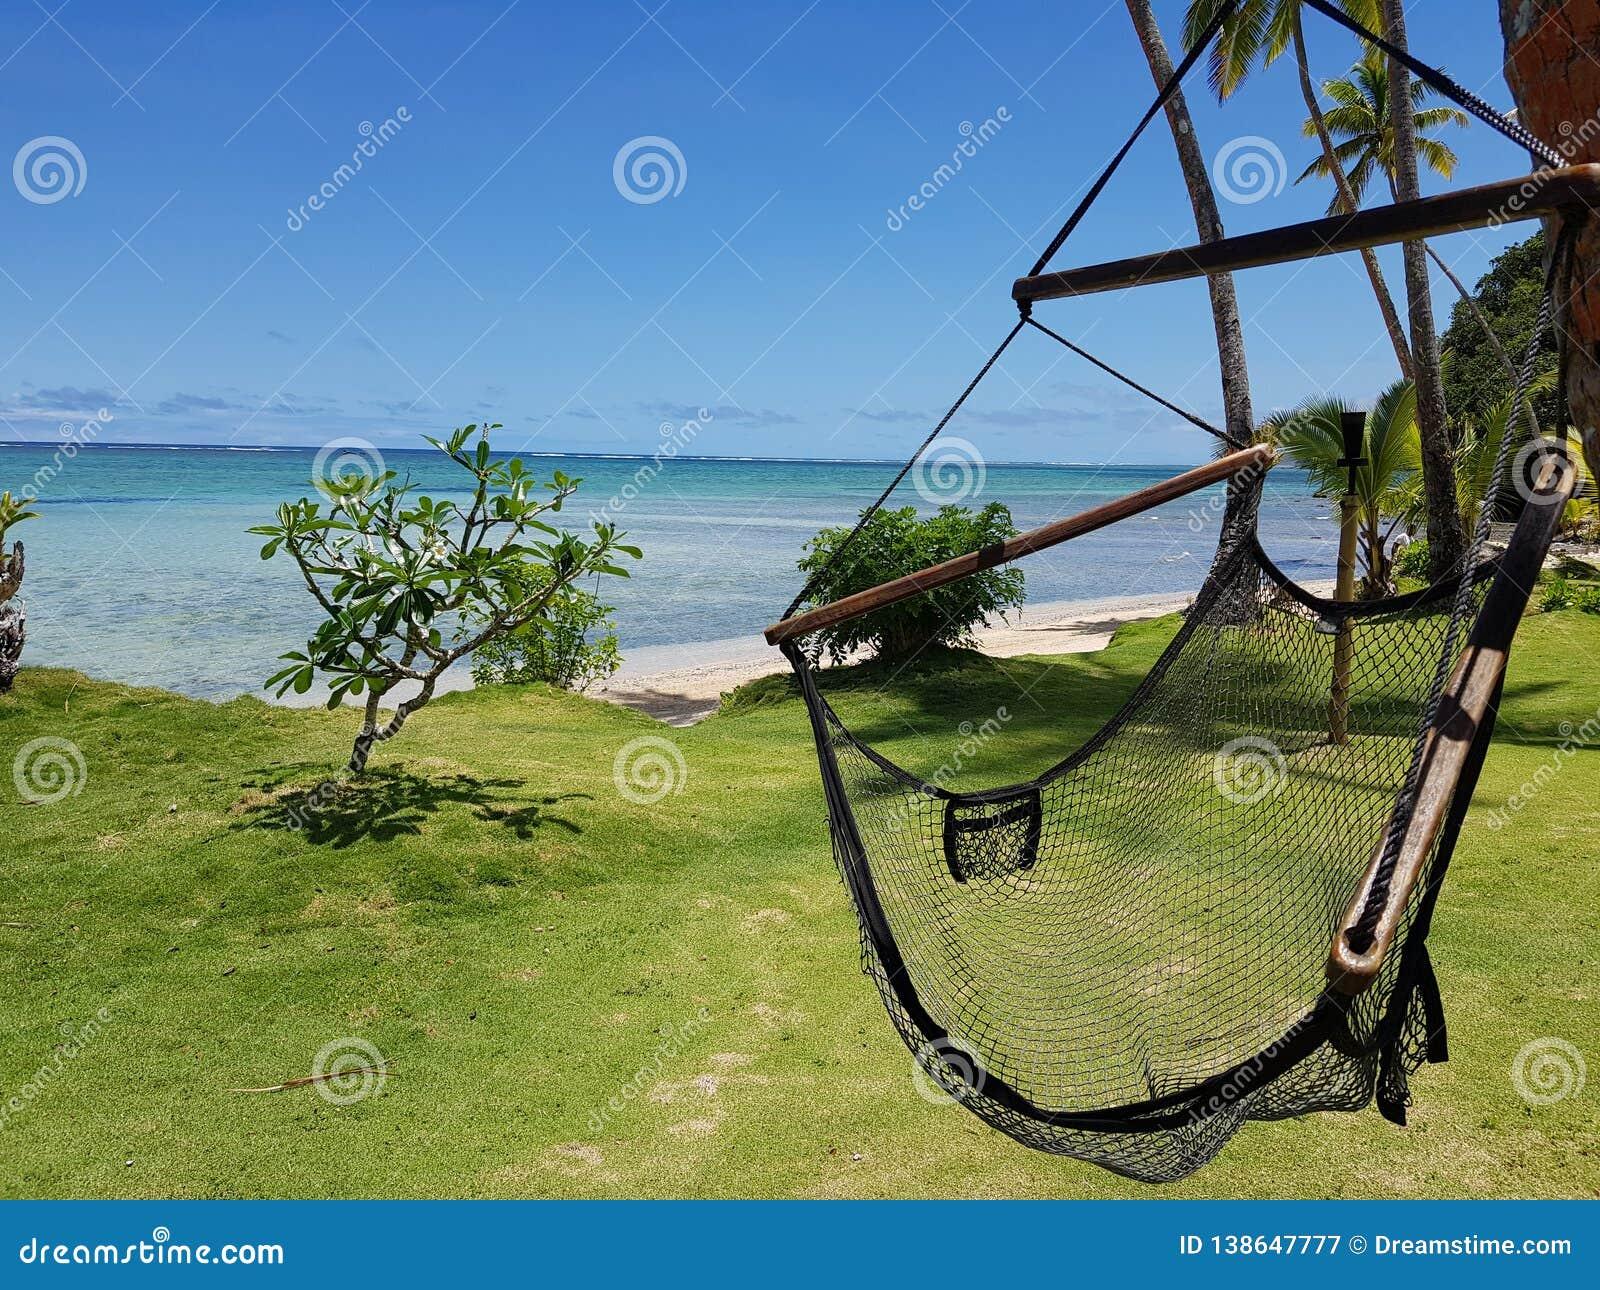 Czarny netto relaksujący huśtawkowy krzesło na zielonej trawie obok białej piasek plaży z kryształem - jasne wody i drzewka palmo